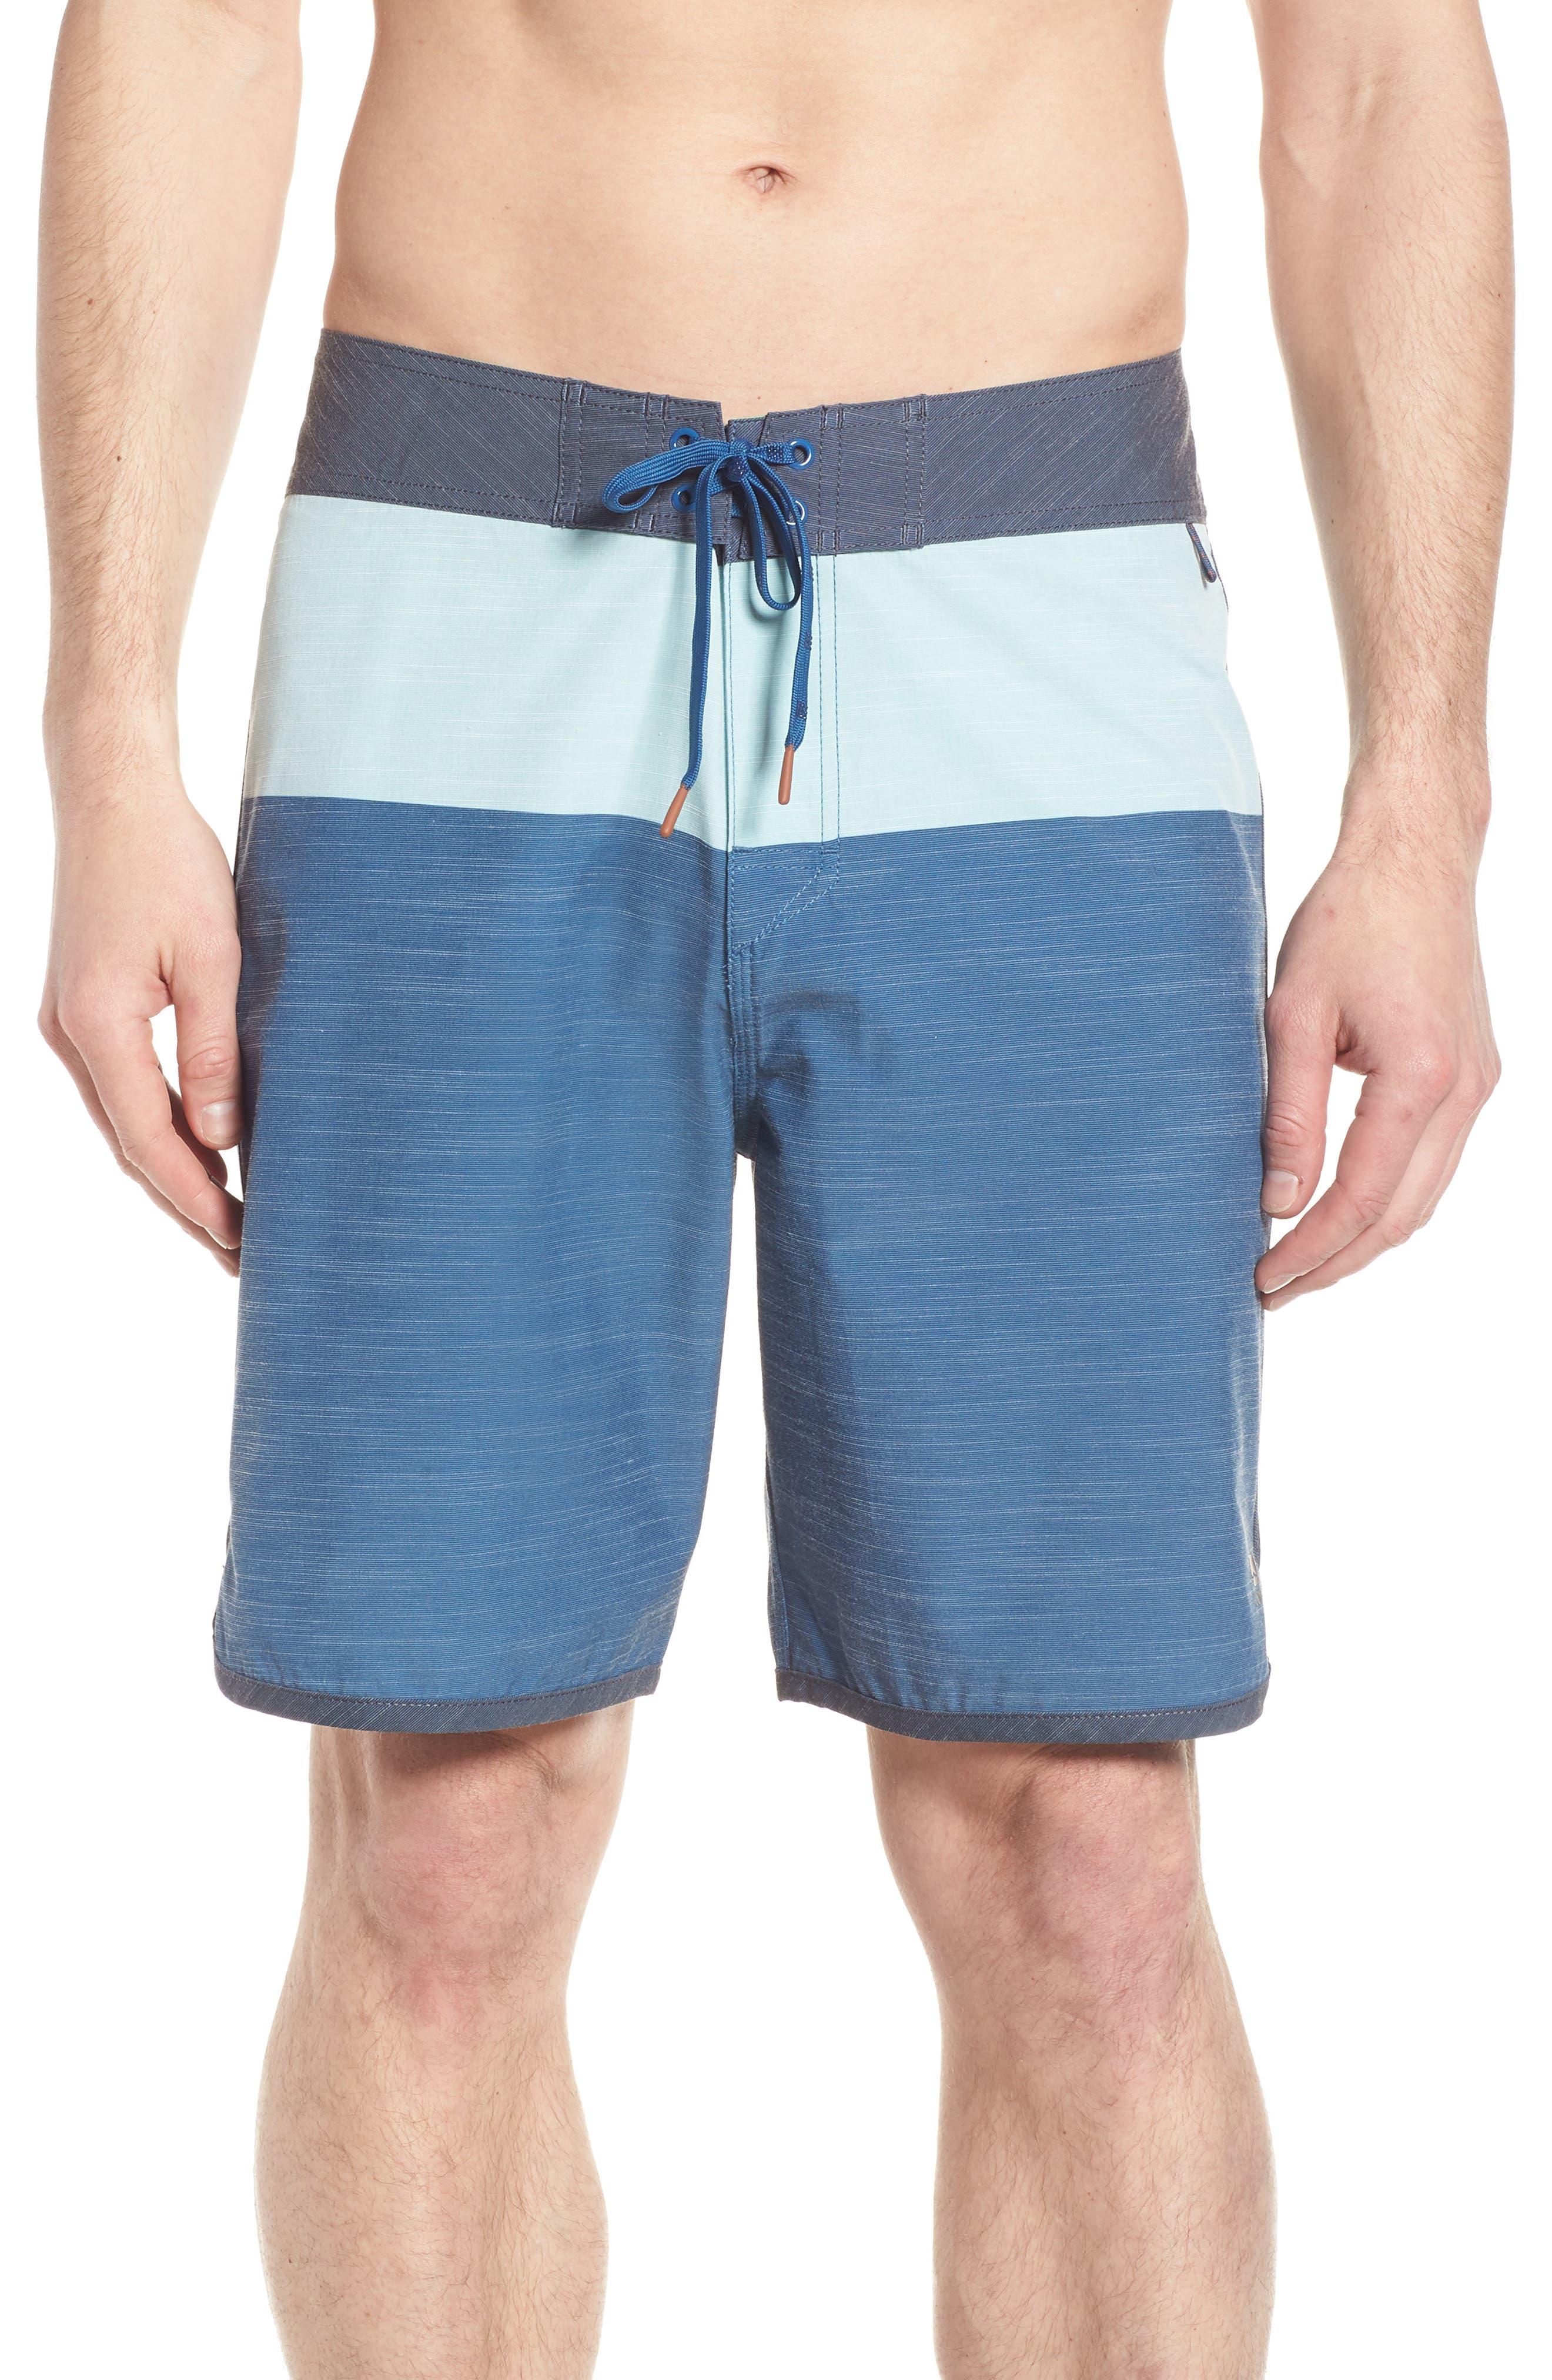 Beachcomber Board Shorts,                             Main thumbnail 1, color,                             423